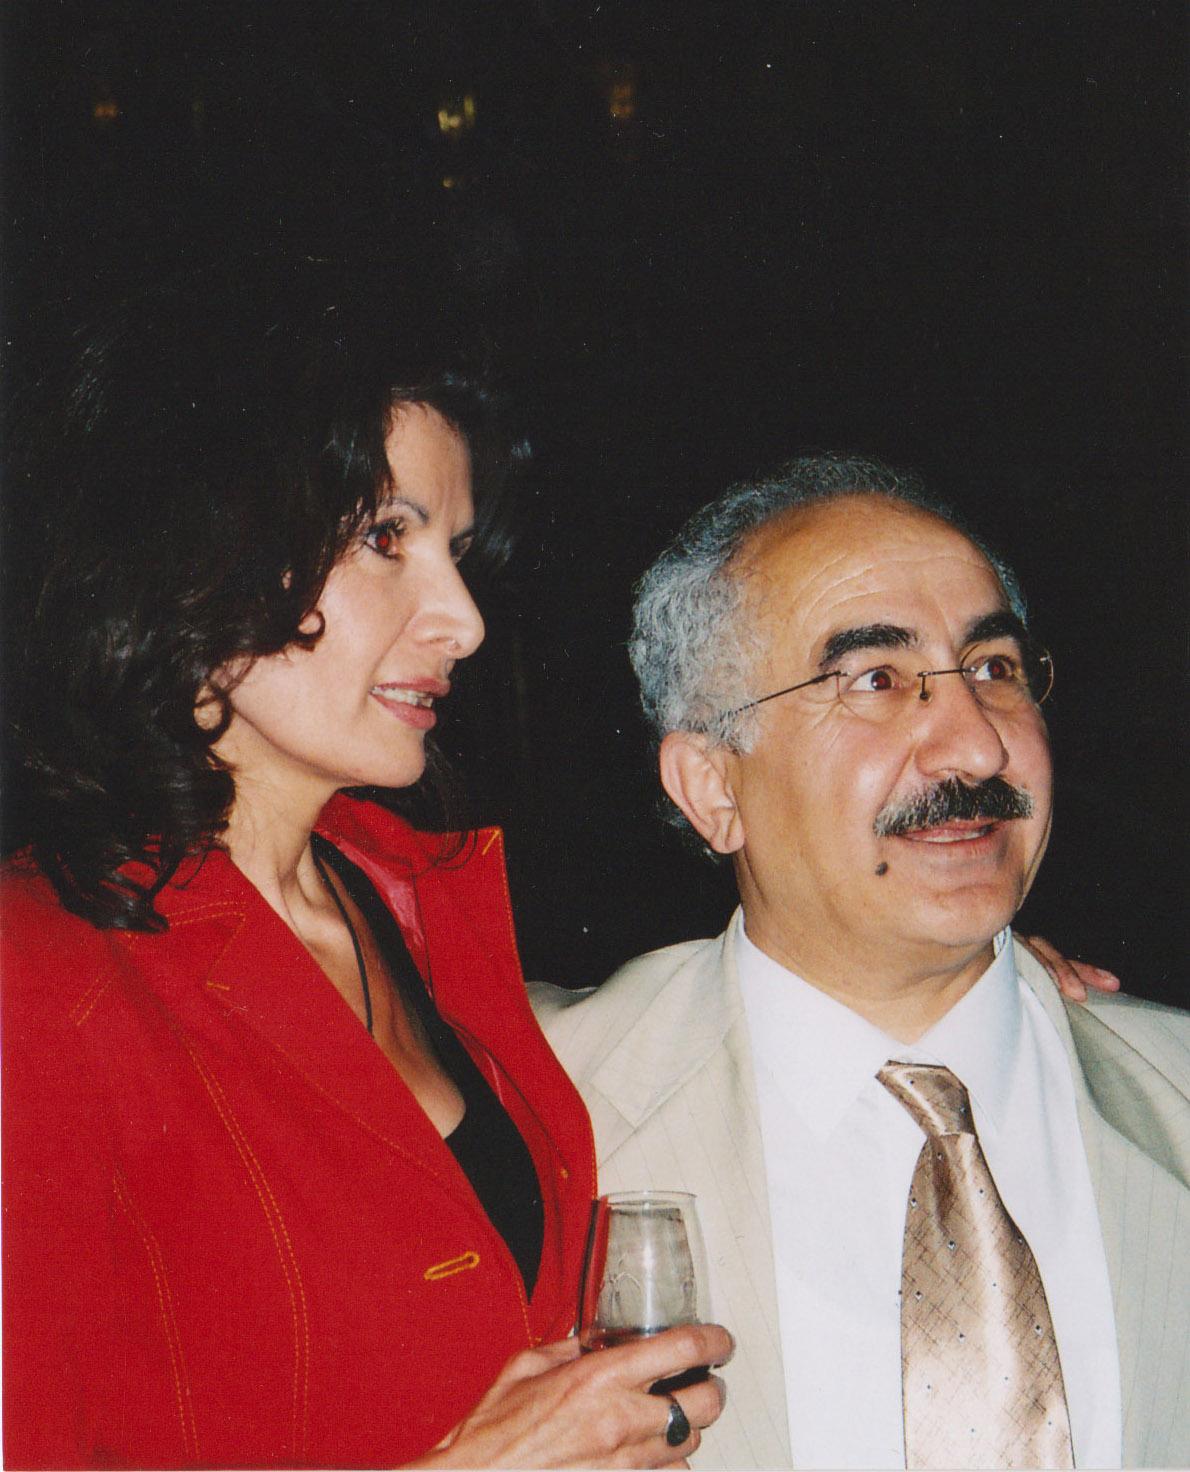 S Mina Norlin, 2006